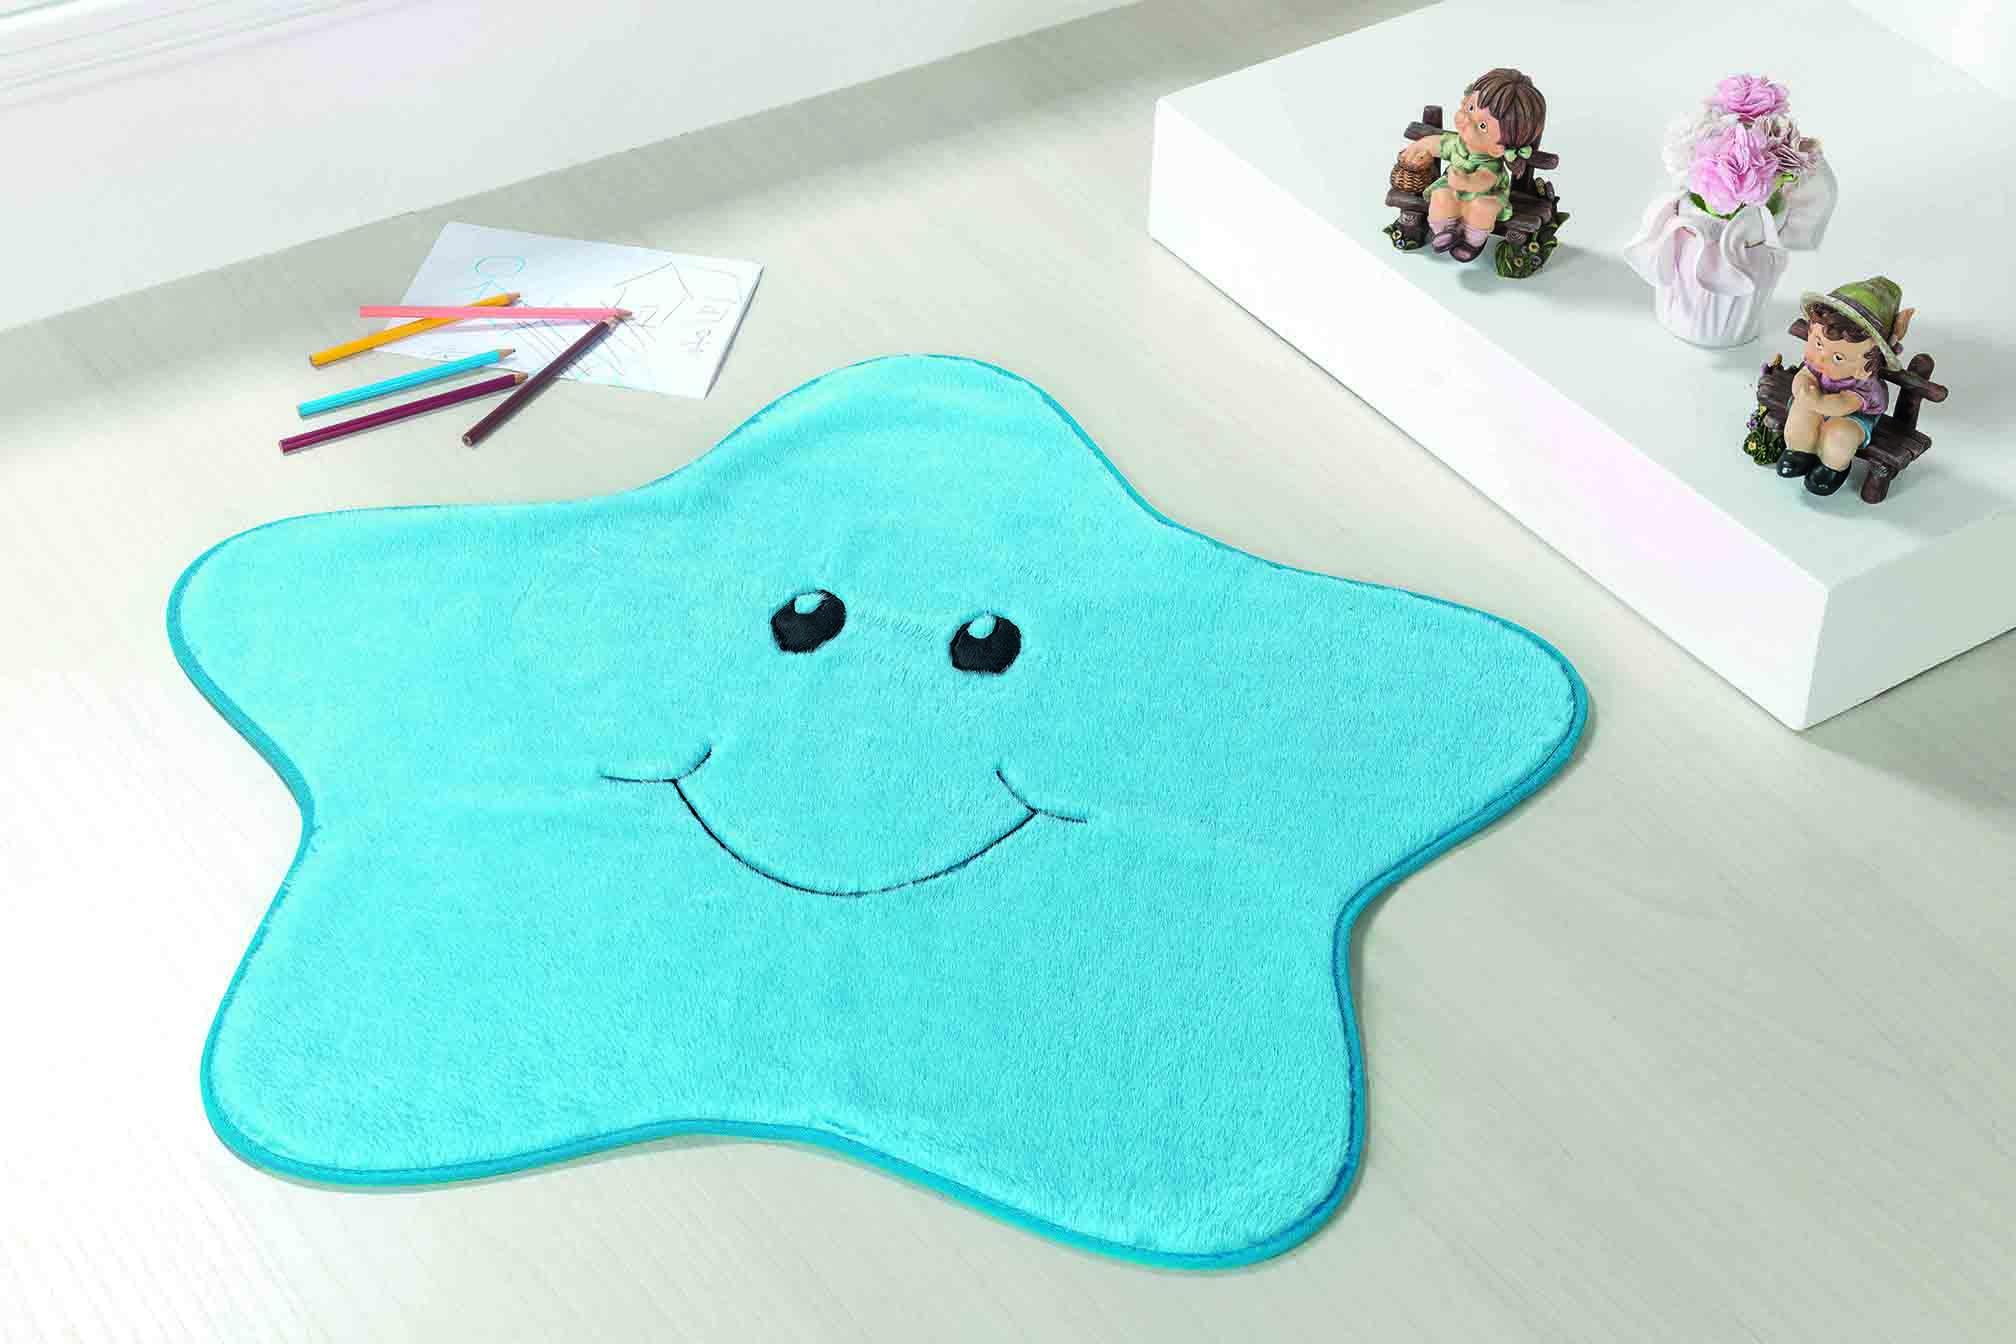 Tapete Premium Baby Estrelinha 78cm x 70cm Azul Turquesa Guga Tapetes